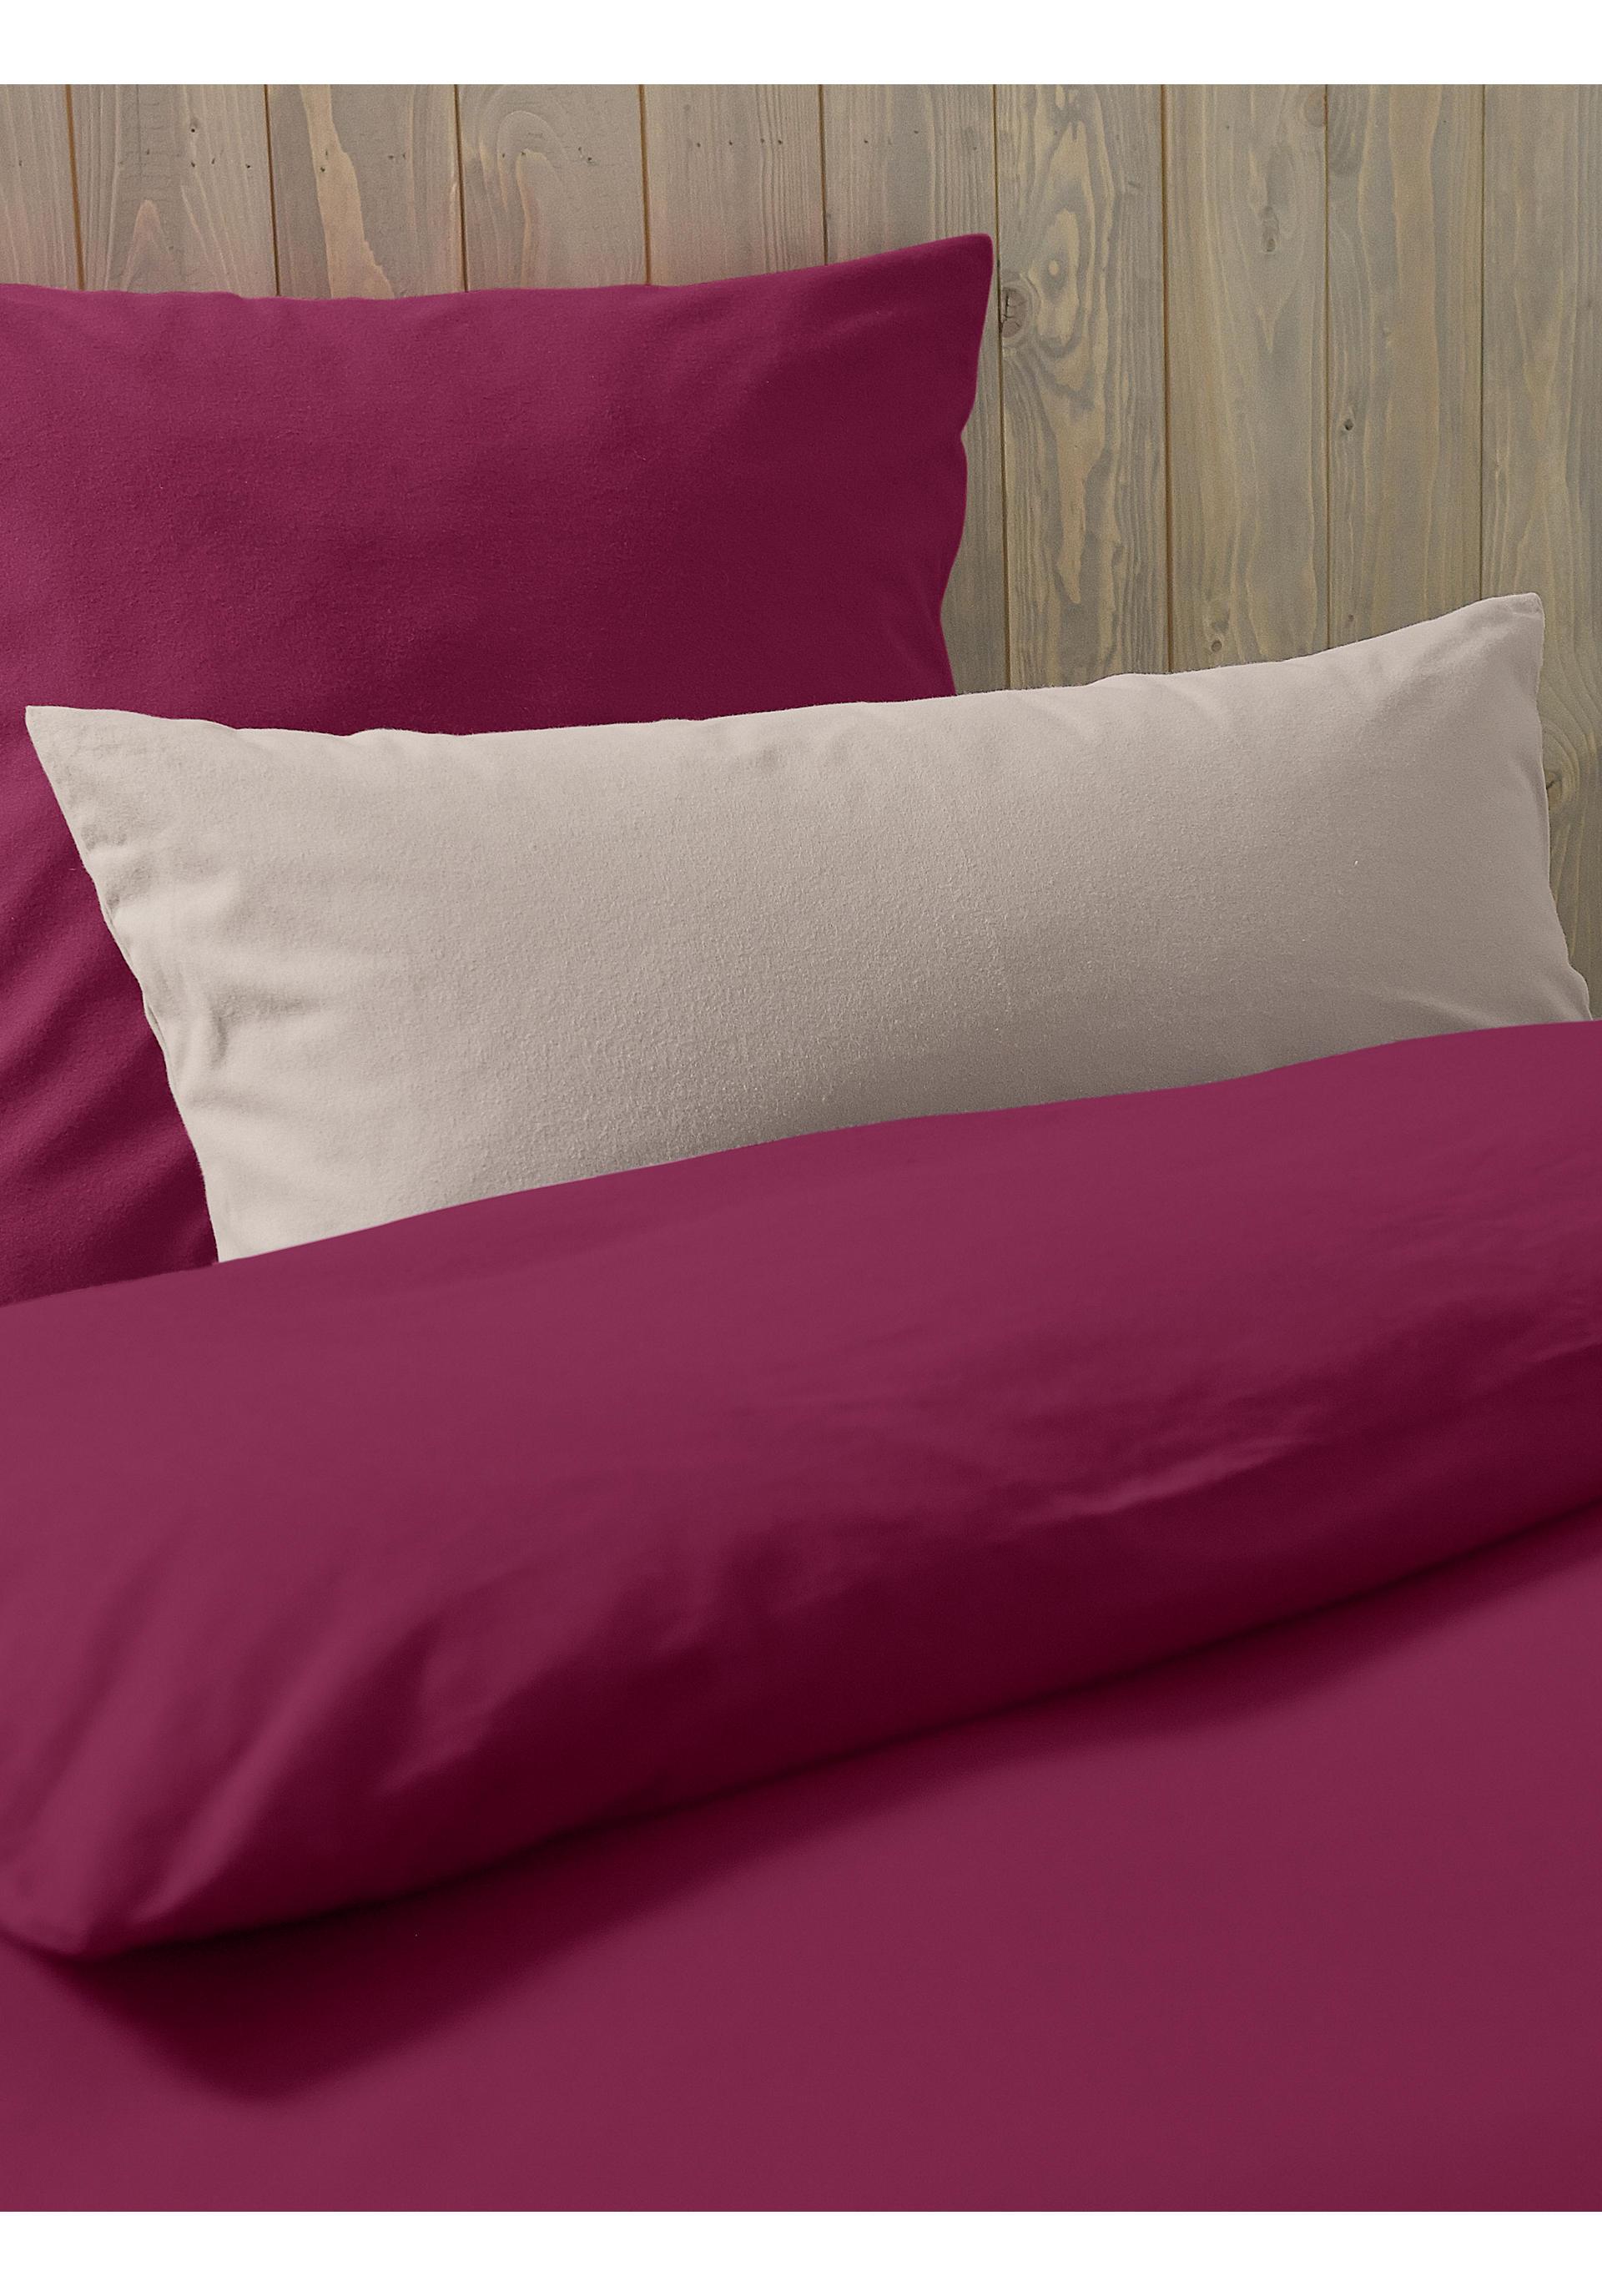 biber kissenbezug aus reiner bio baumwolle hessnatur schweiz. Black Bedroom Furniture Sets. Home Design Ideas